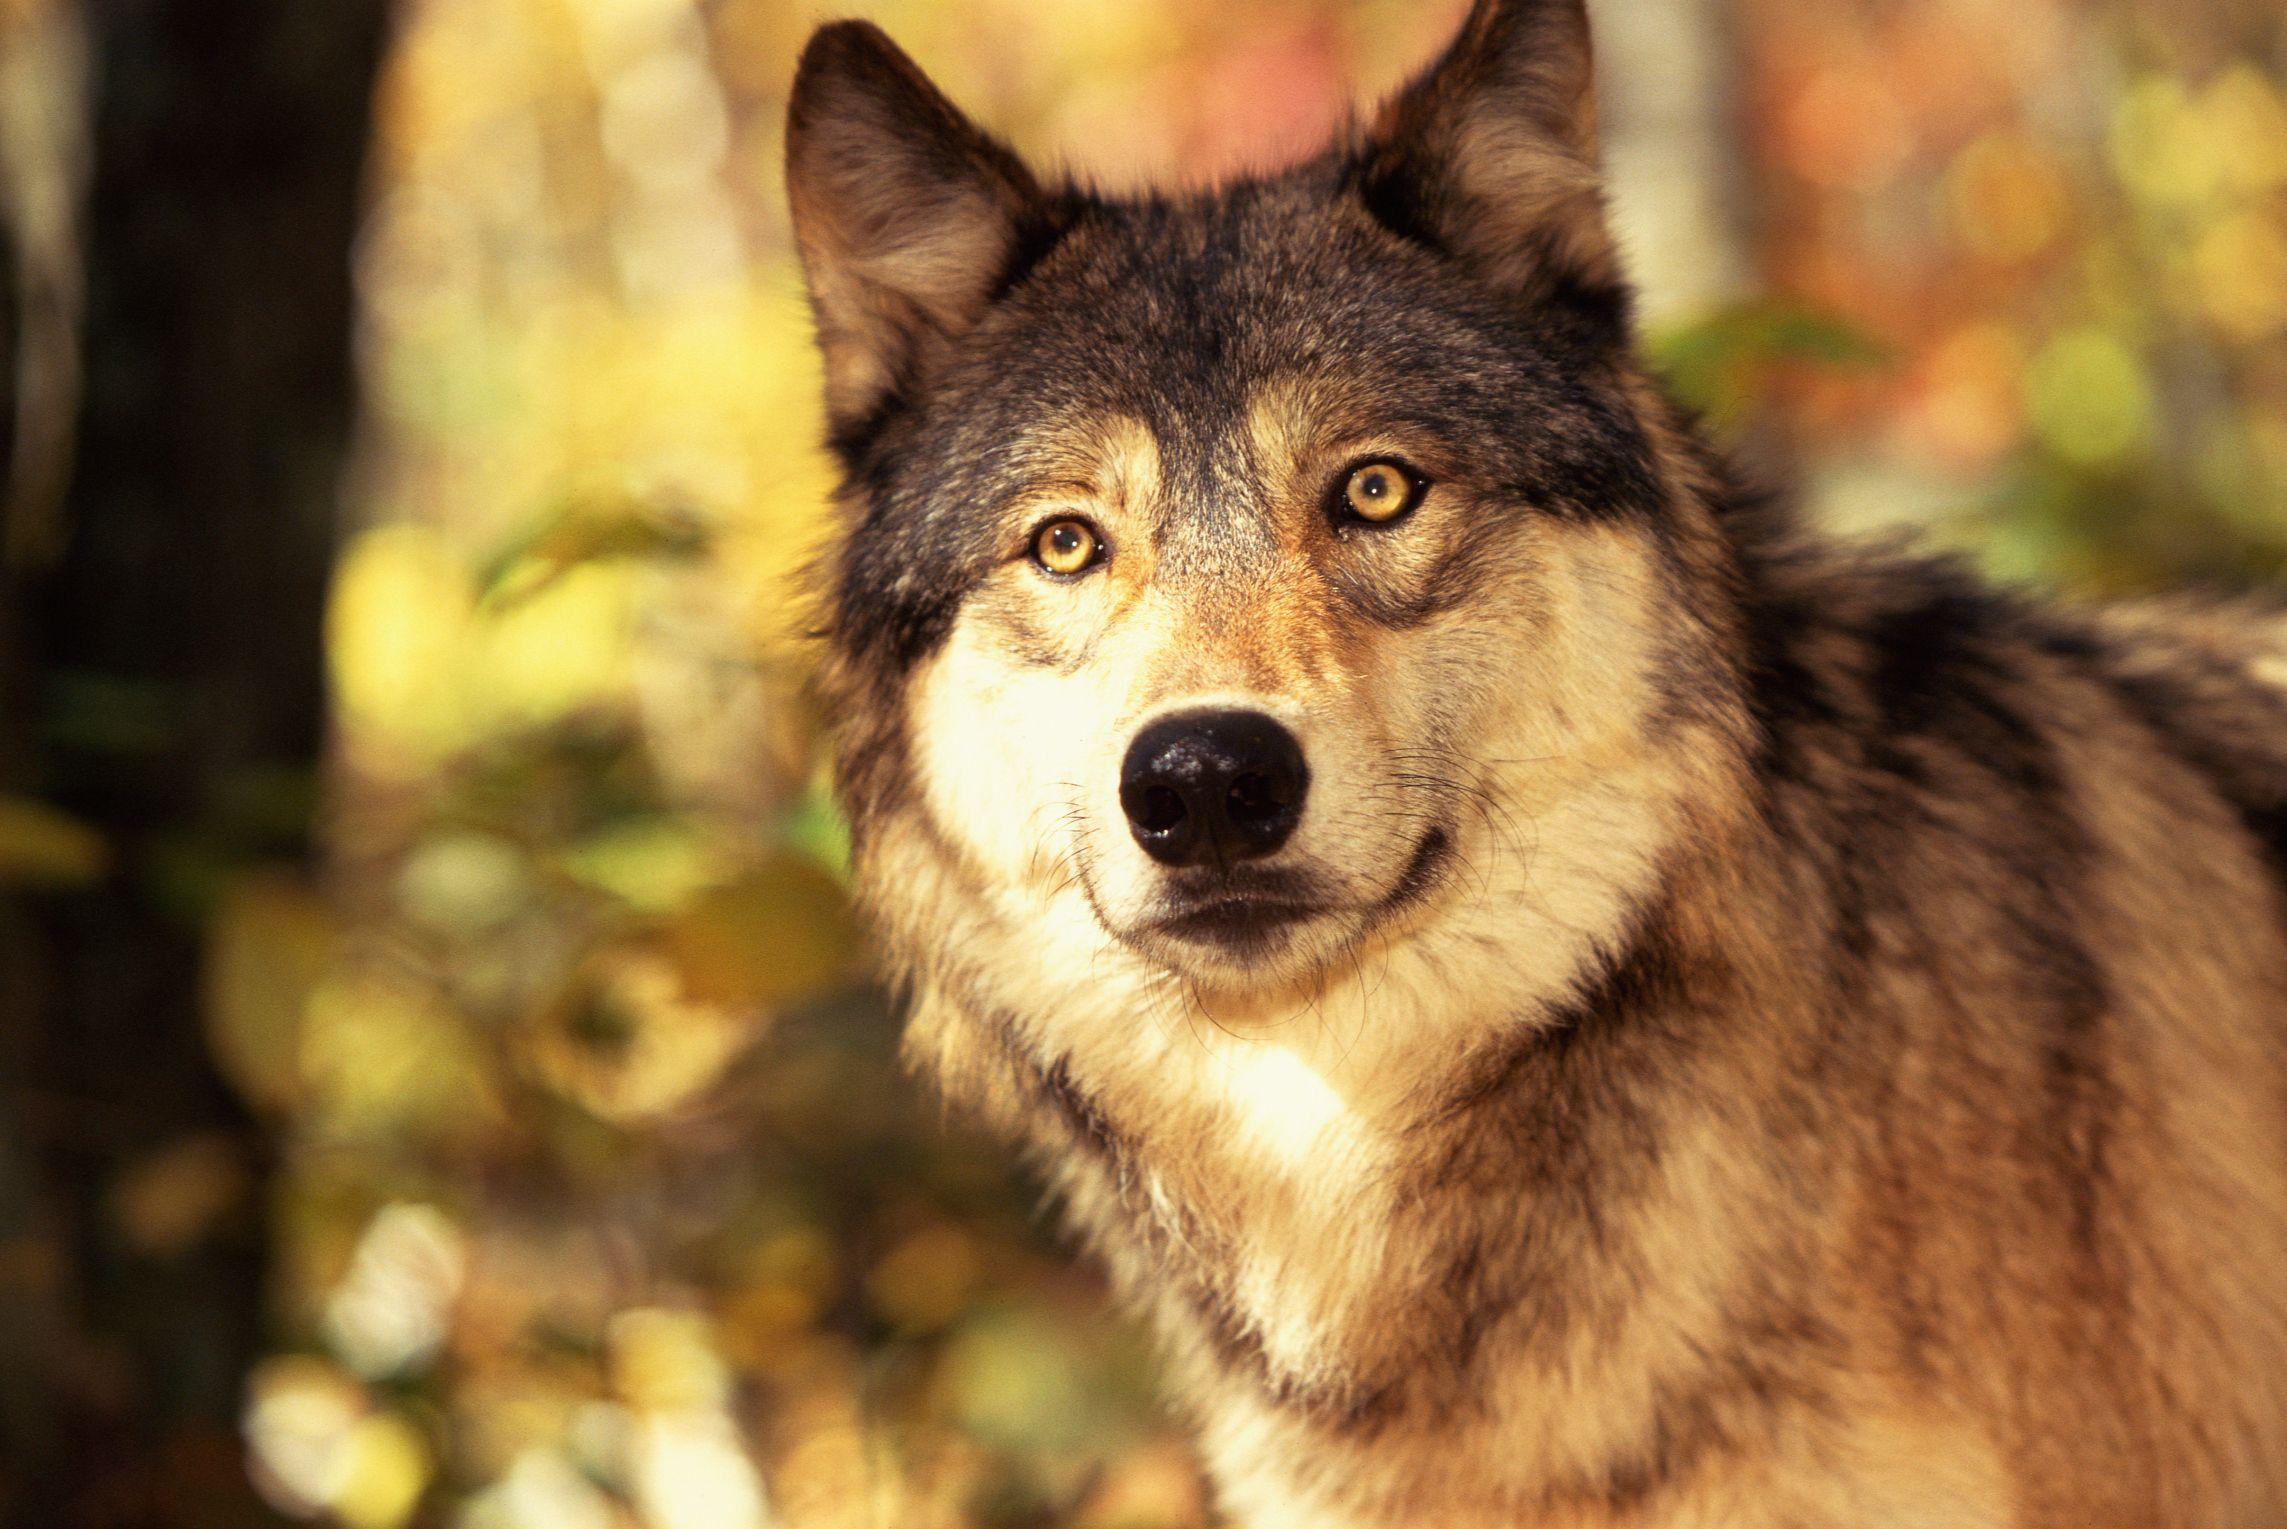 En Que Tipo De Habitat Vive El Lobo Gris